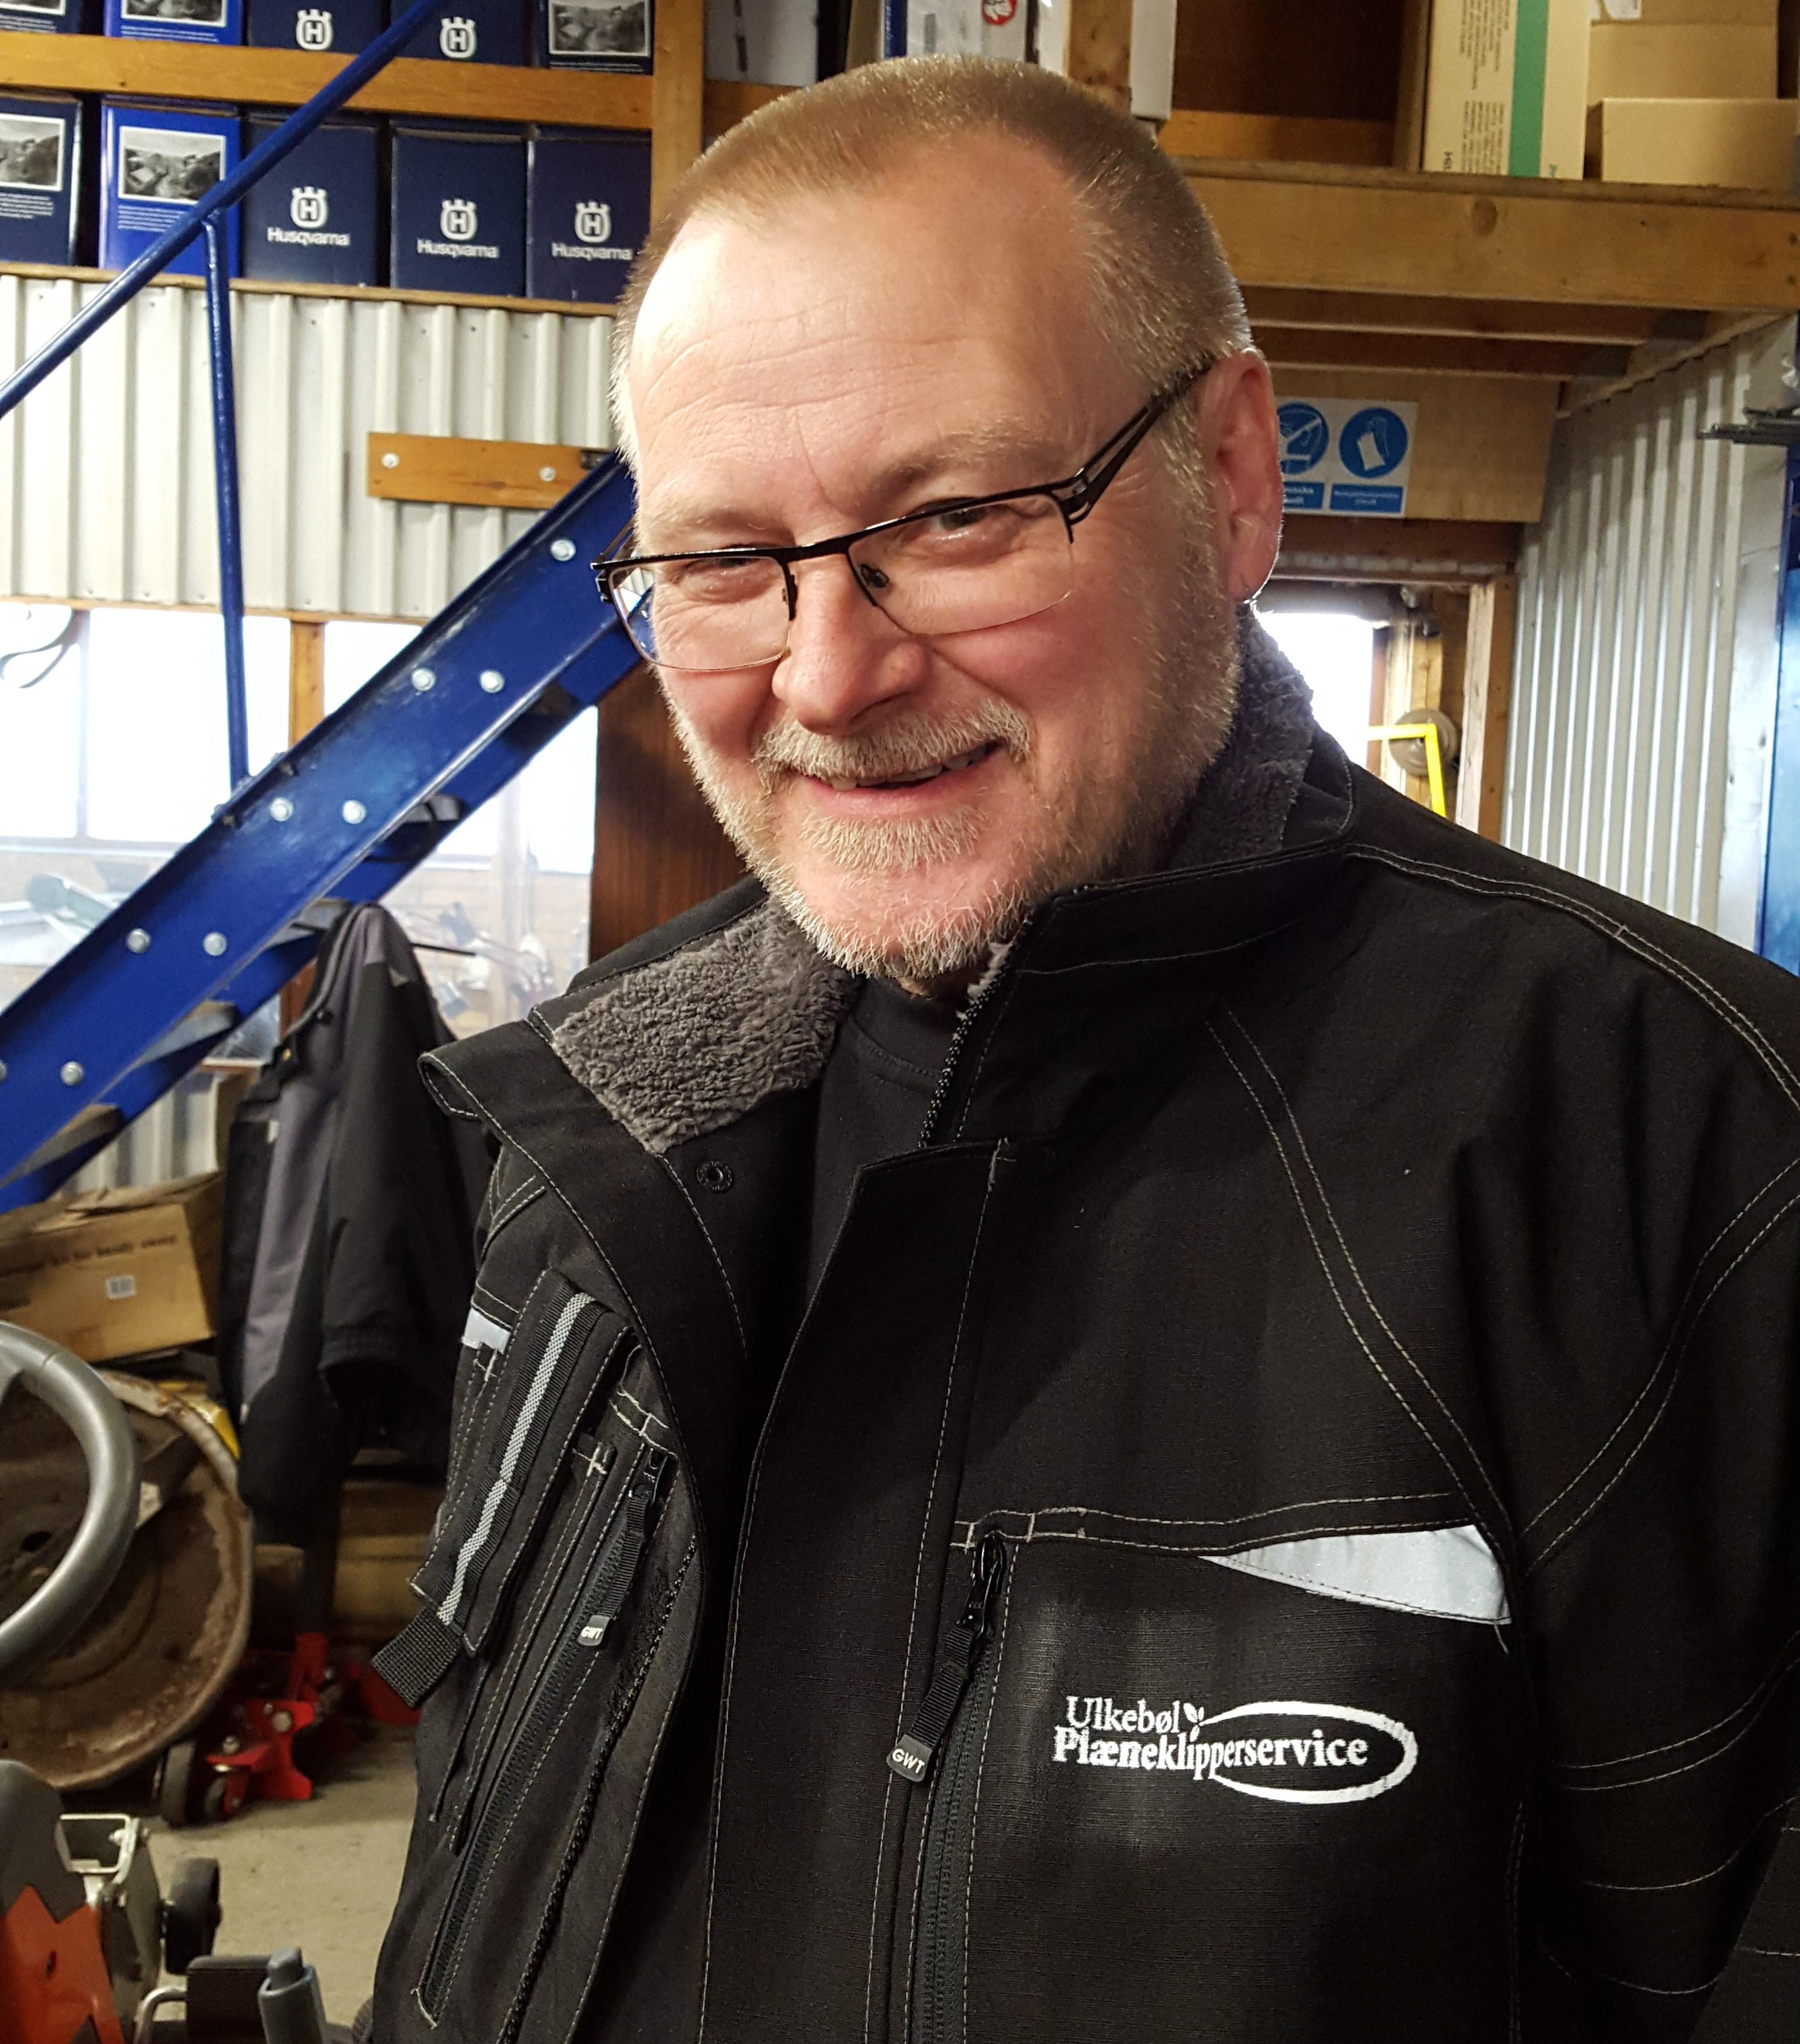 Dette er Leif Hansen, vores kompetente medarbejder med styr på alt til Husqvarna plænerobotter